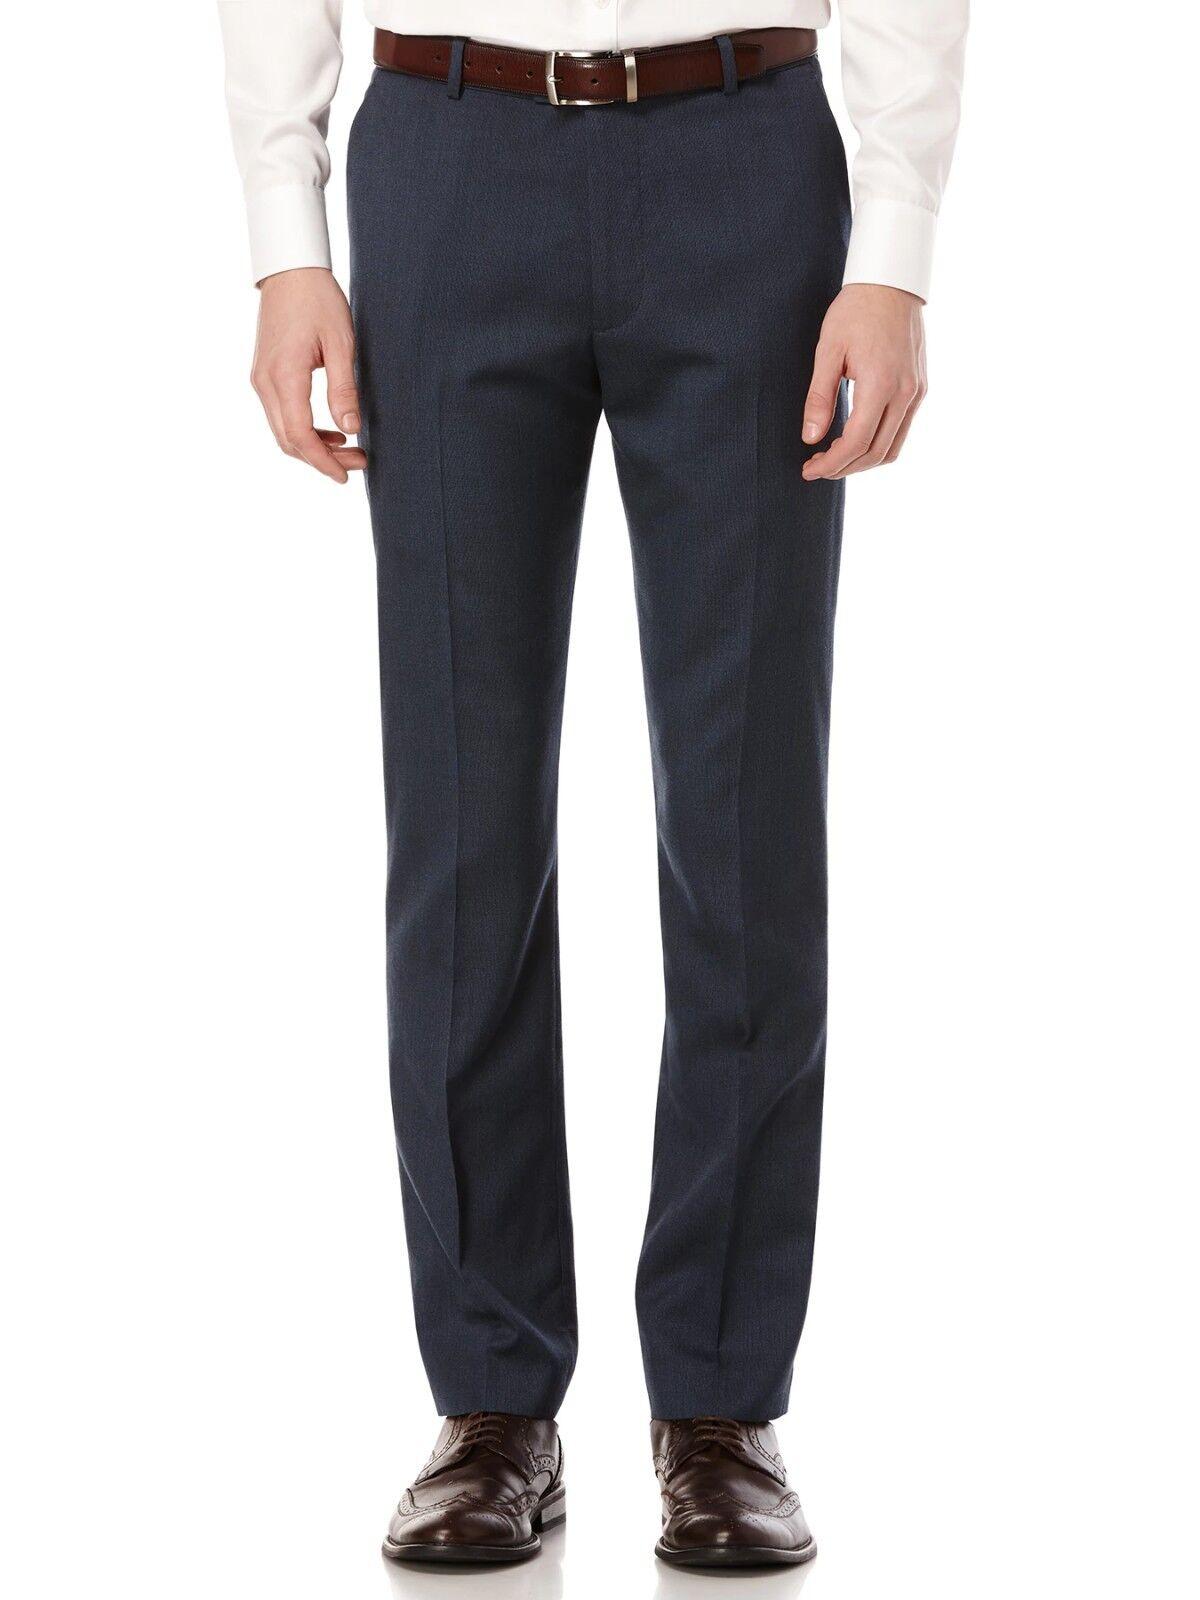 PERRY ELLIS PORTFOLIO men blueE SLIM FIT FLAT FRONT DRESS PANTS 36 W 30 L